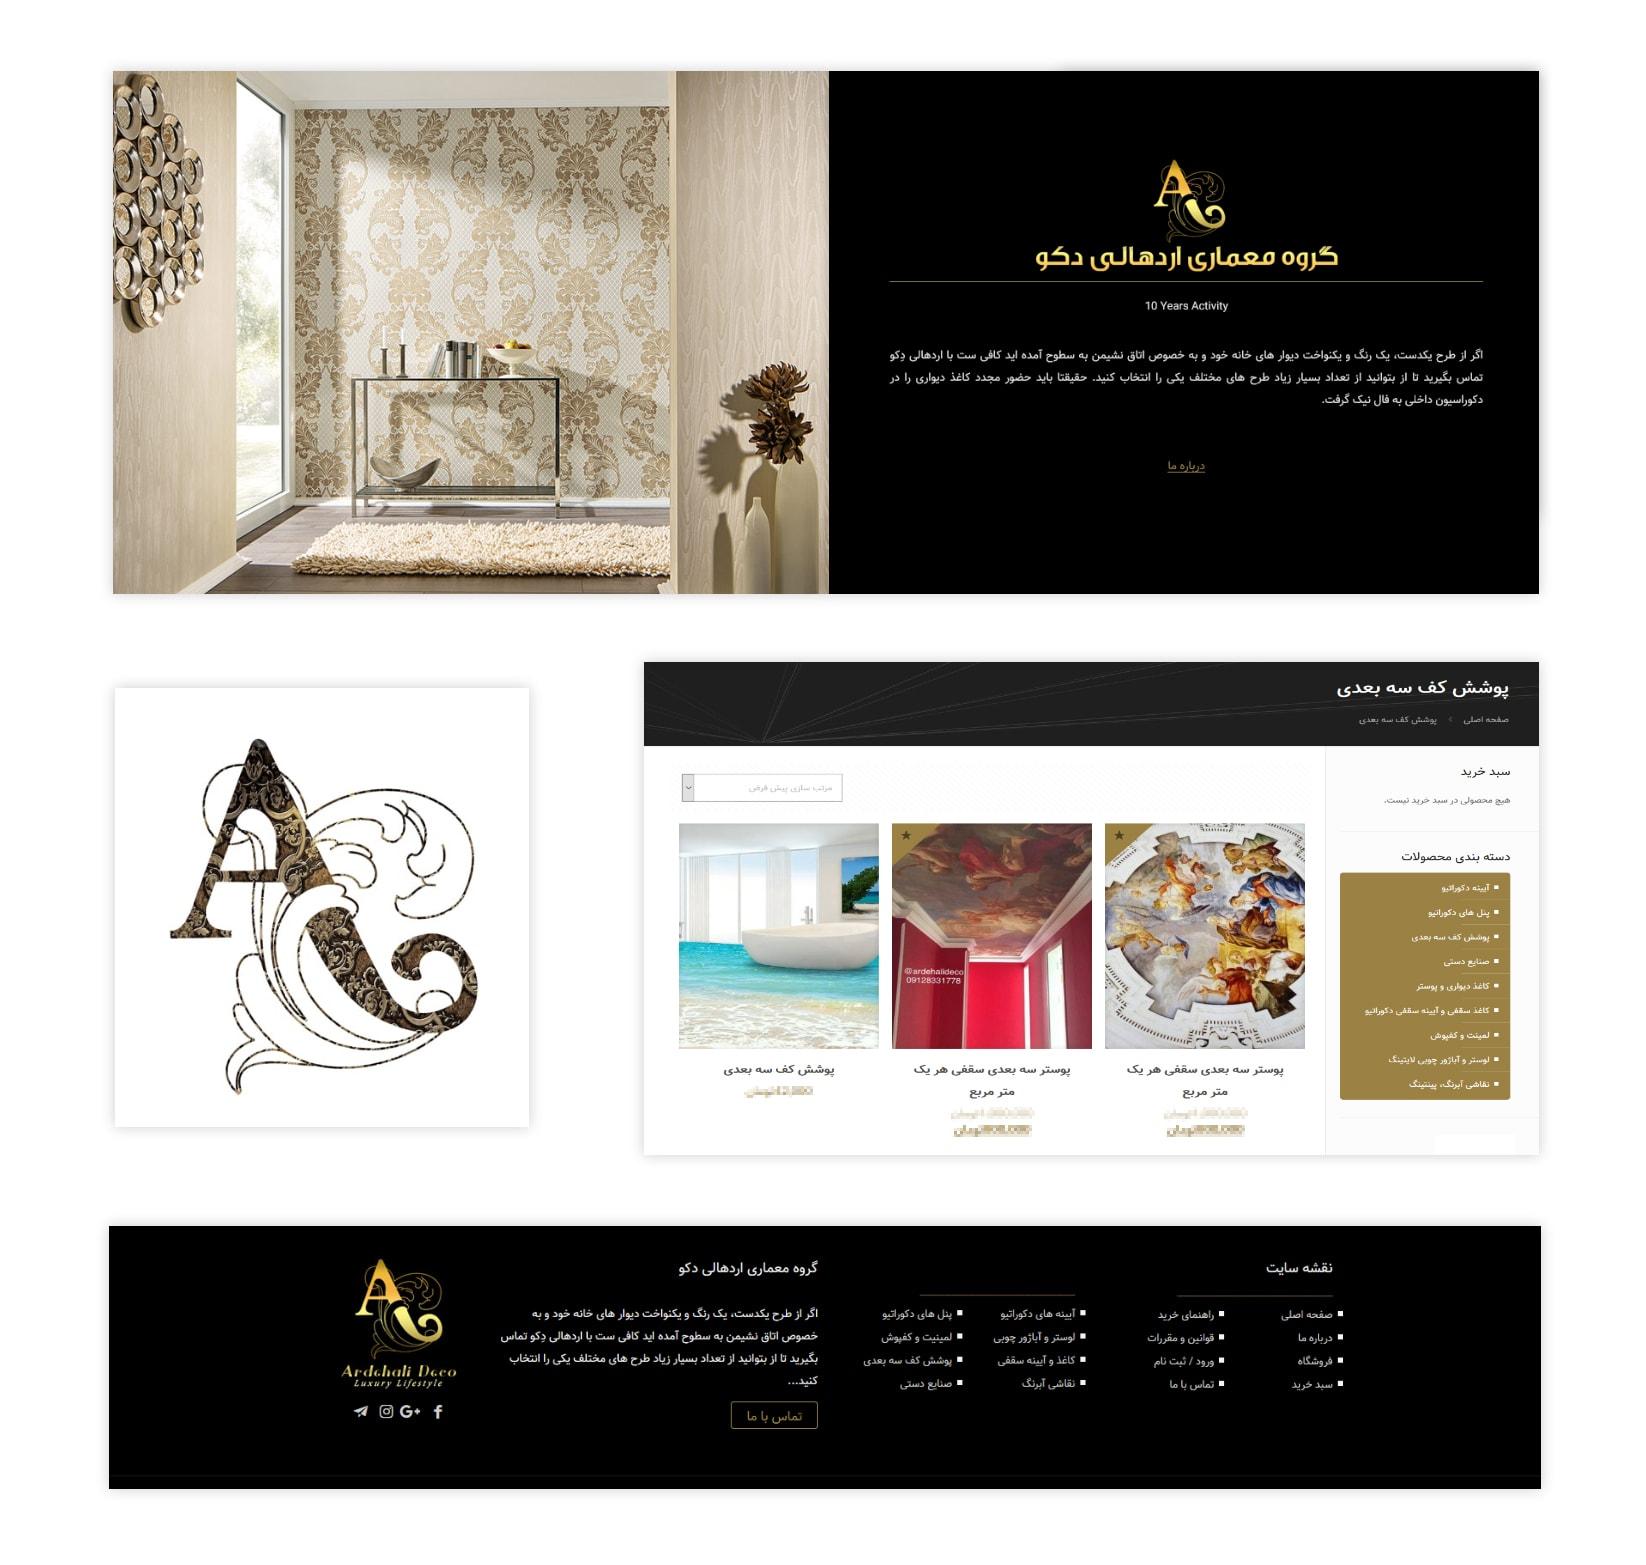 طراحی سایت فروشگاهی اردهالی دکو | knegar Website Design | Online Shop Design